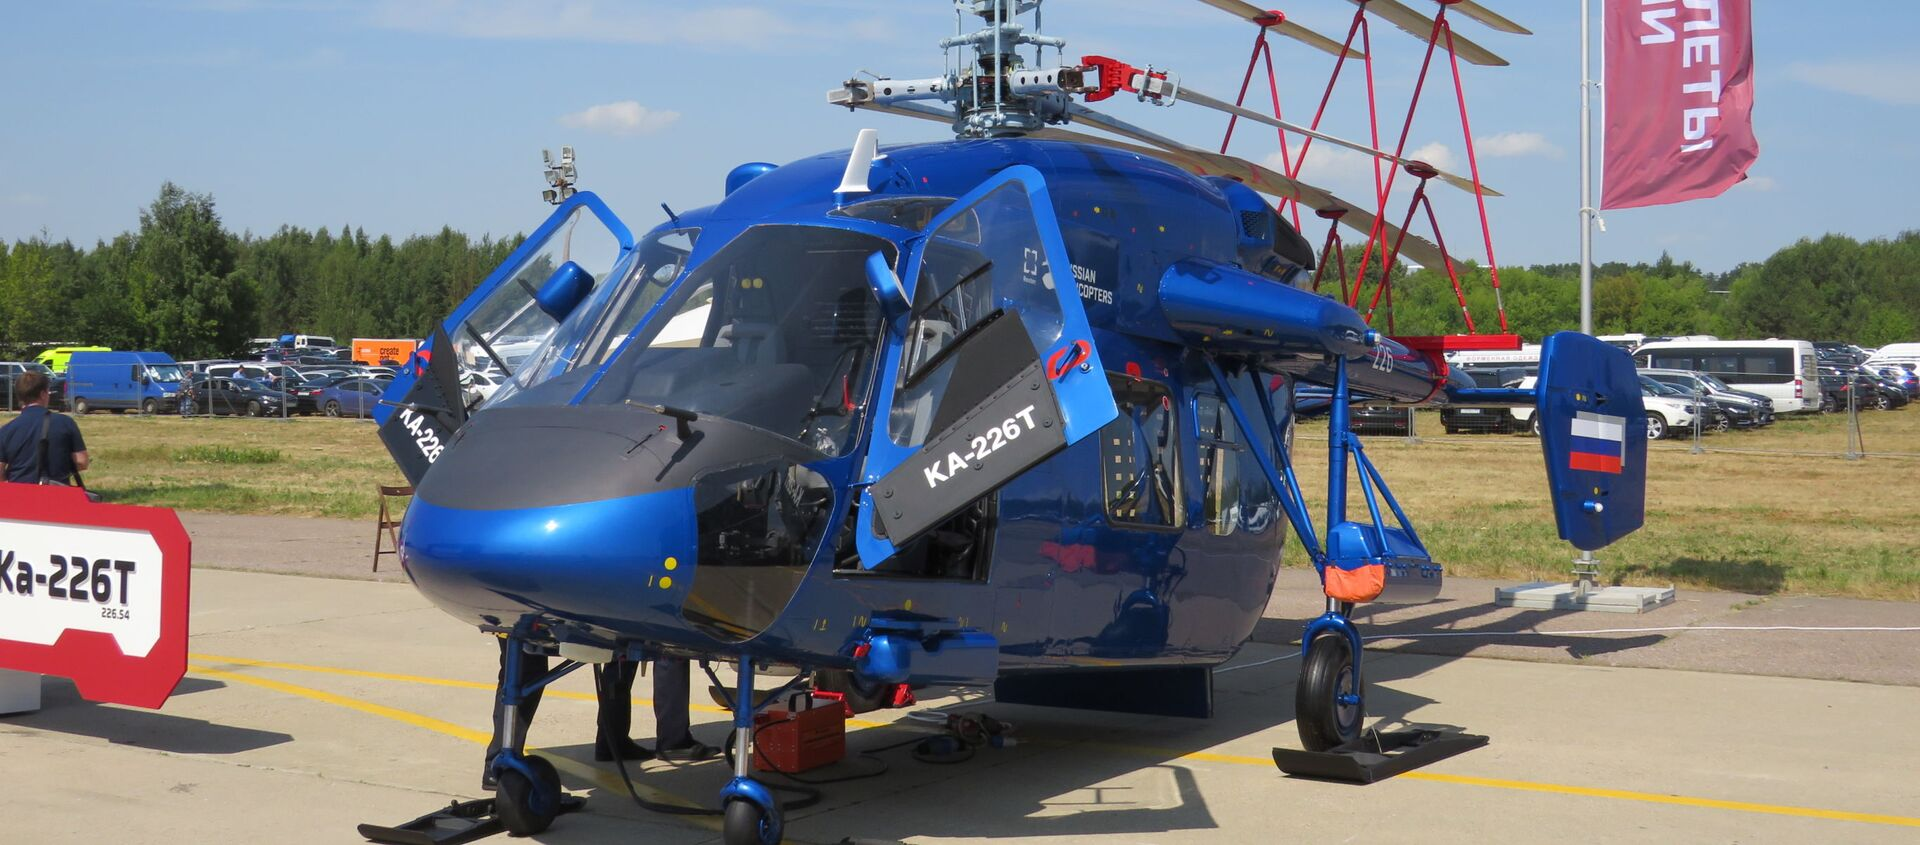 Trực thăng đa năng Ka-226T tại Triển lãm Hàng không Vũ trụ quốc tế MAKS-2021 - Sputnik Việt Nam, 1920, 21.07.2021